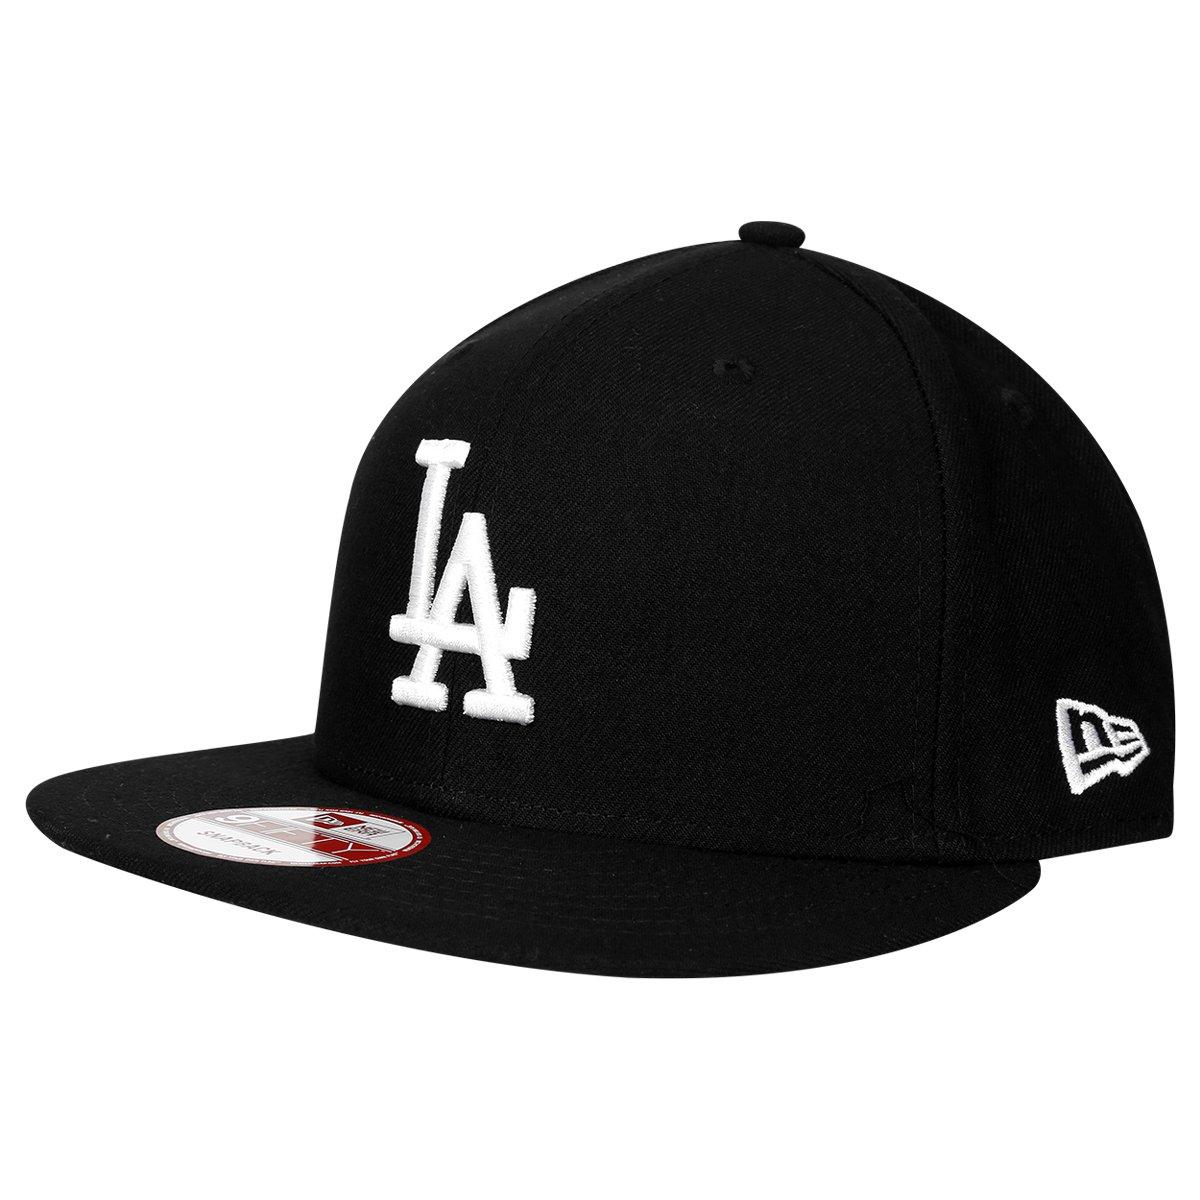 8689dbc62bd5e Boné New Era 950 MLB Los Angeles Dodgers - Preto - Compre Agora ...